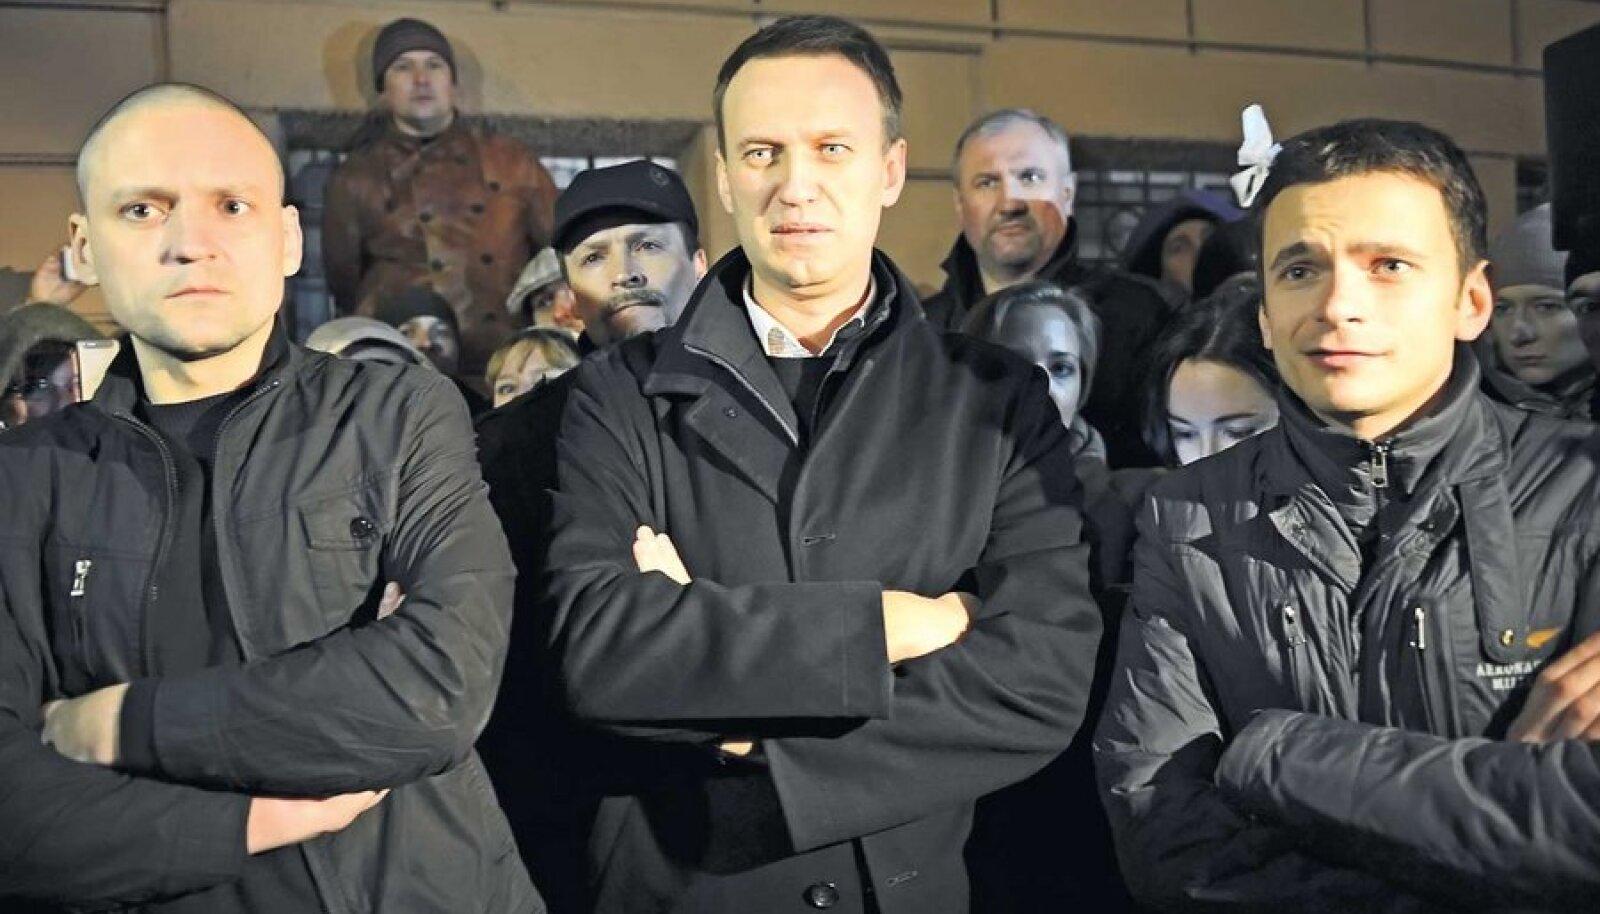 Vene opositsionäärid (vasakult paremale) Sergei Udaltsov, Aleksei Navalnõi ja Ilja Jašin.